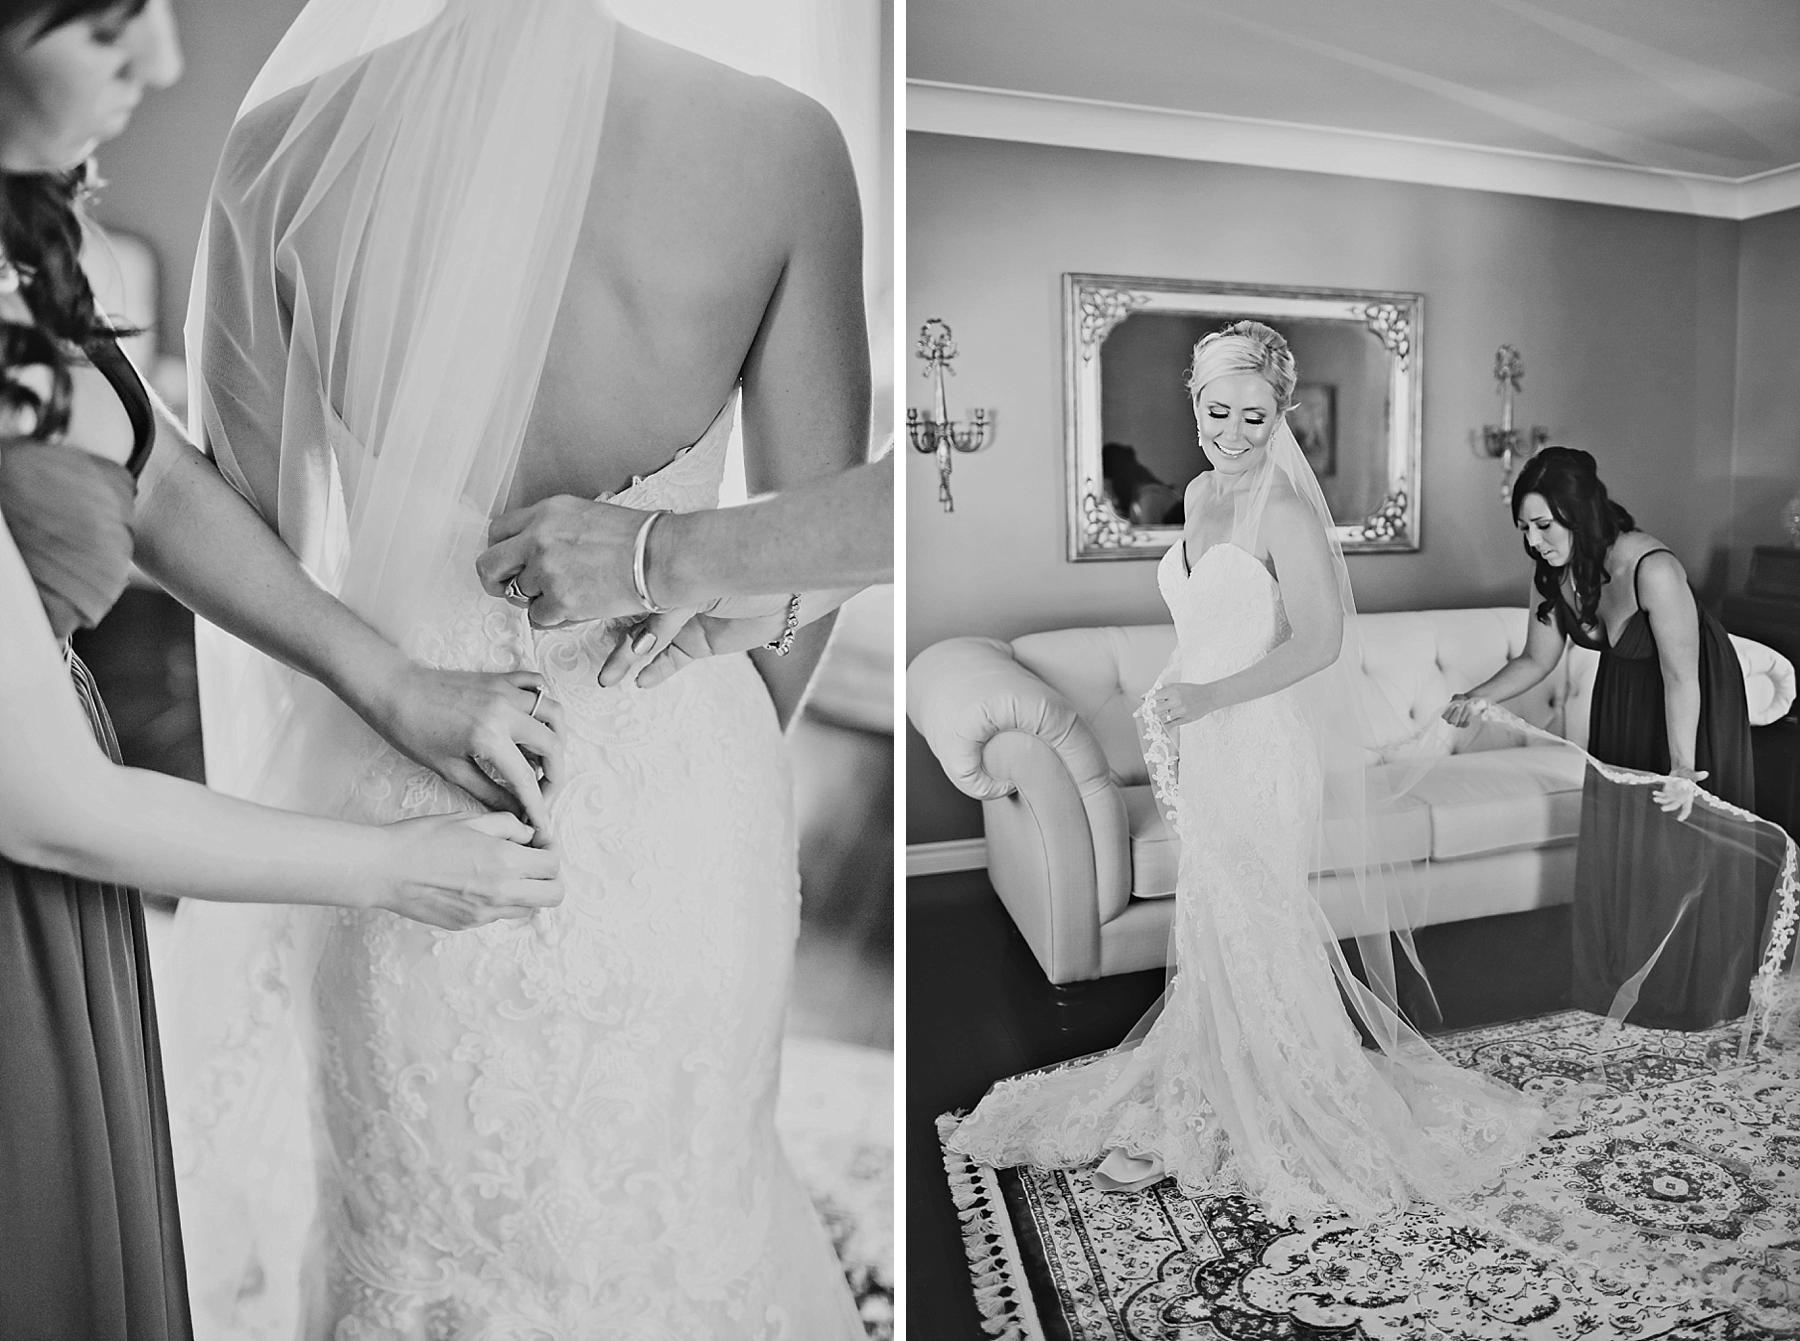 windsor-wedding-photographer-essex-golf-country-club-wedding-eryn-shea-photography_0014.jpg